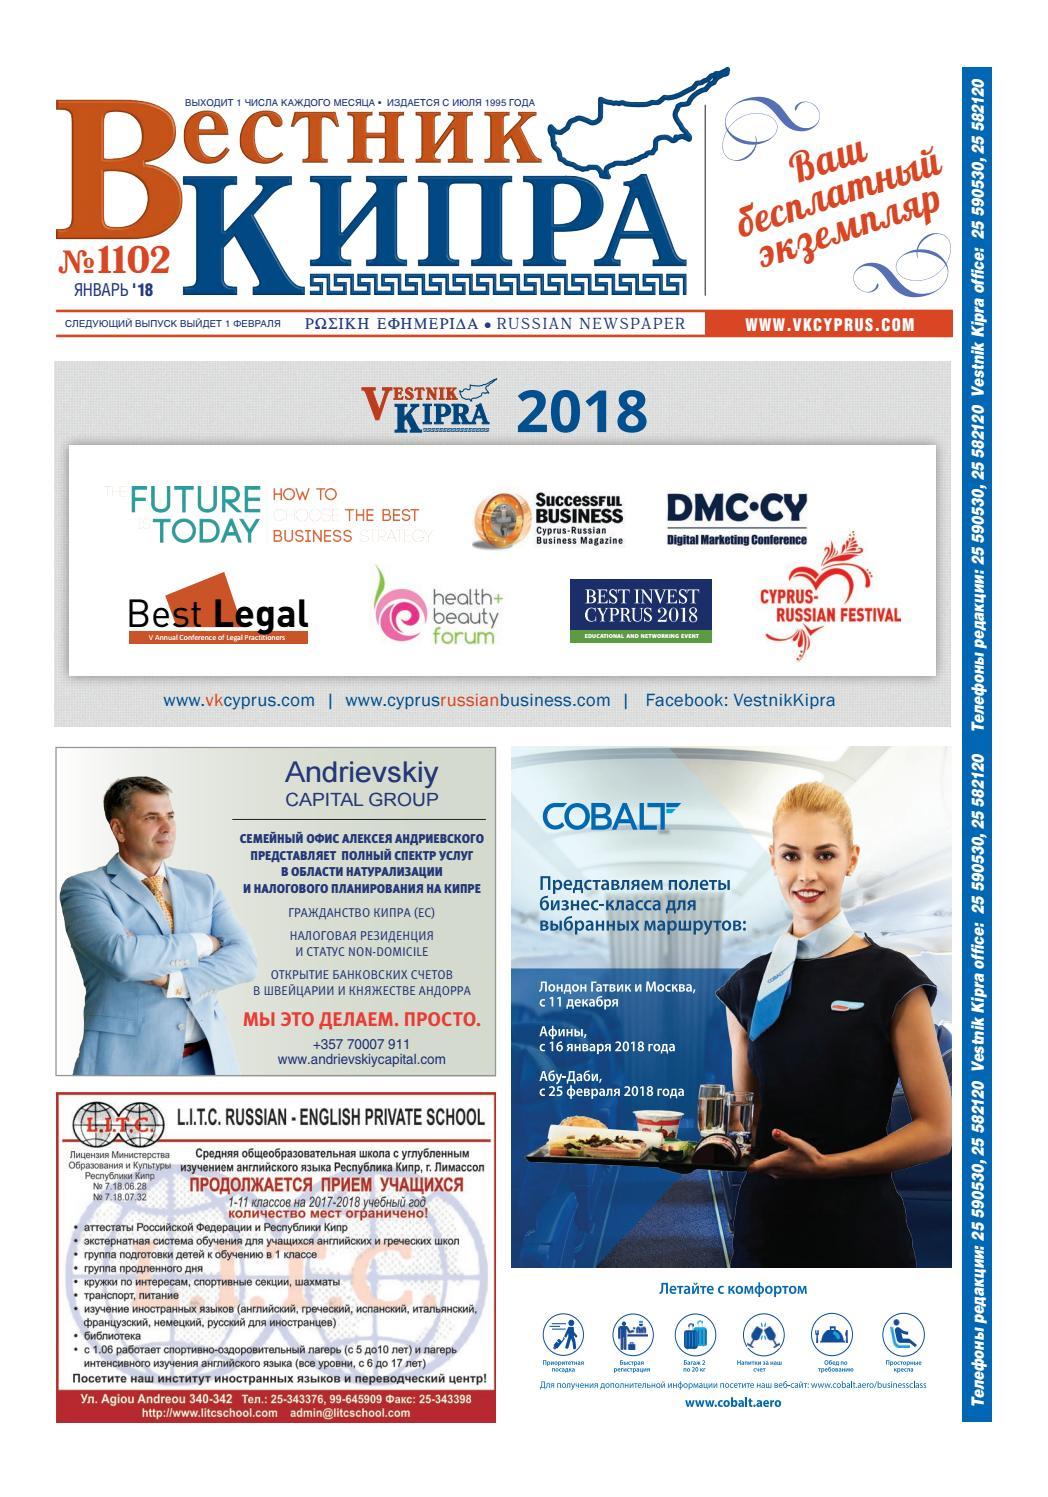 d10e3027d3e Вестник Кипра №1102 by Вестник Кипра - issuu